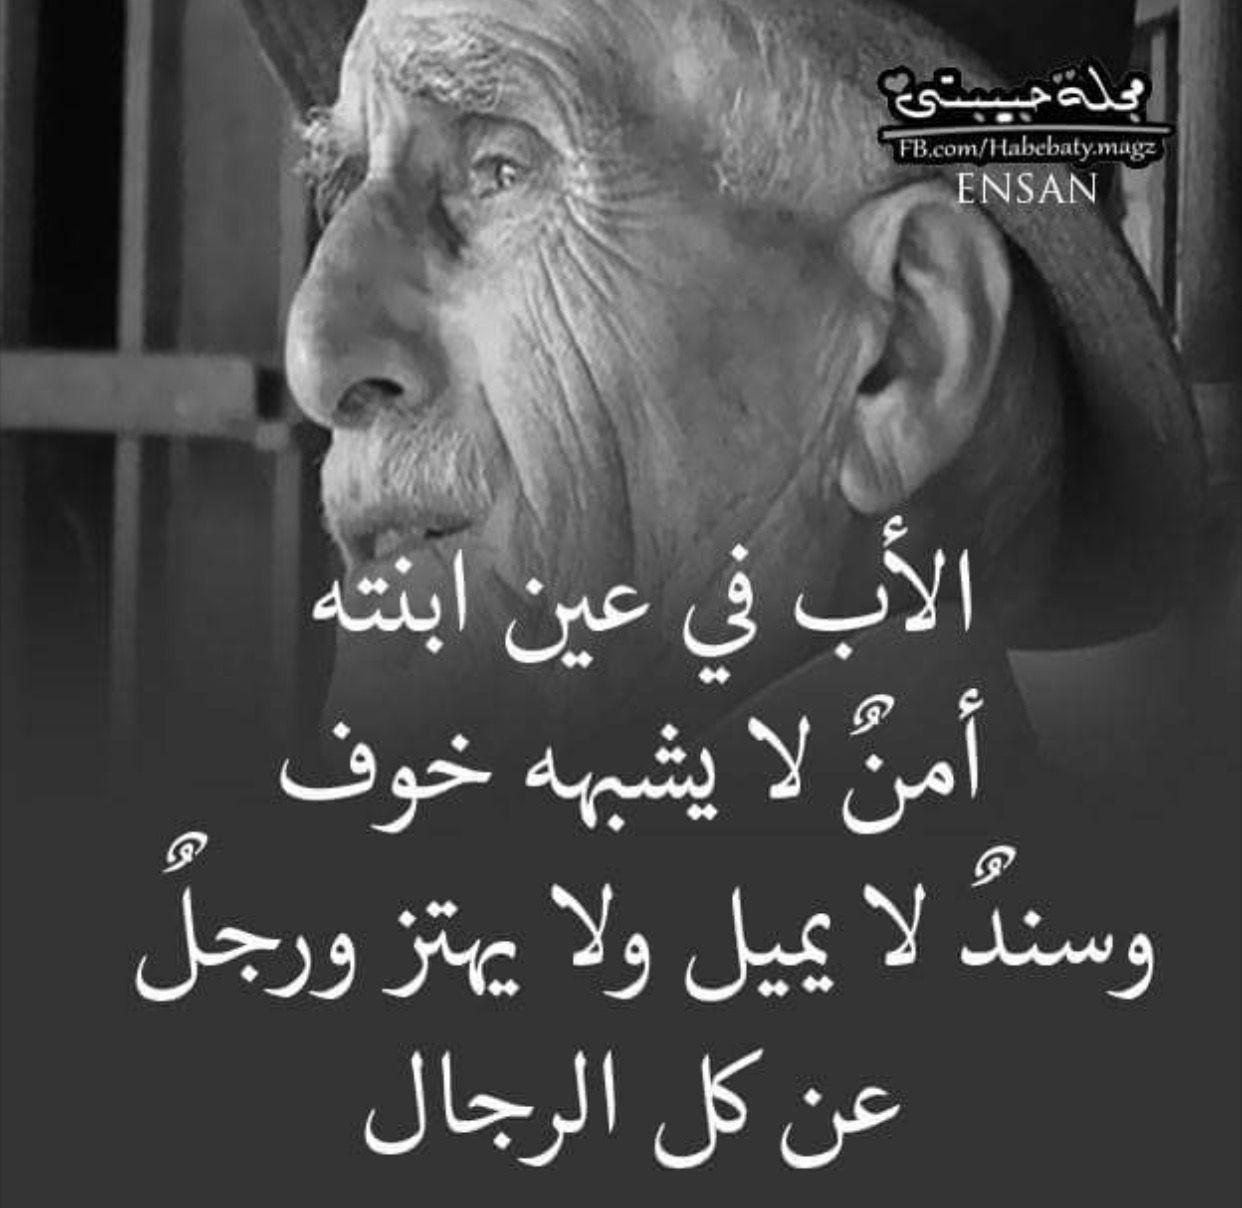 الأب في عيني أبنته رجل عن كل الرجال Quotes For Book Lovers Funny Arabic Quotes Dad Quotes